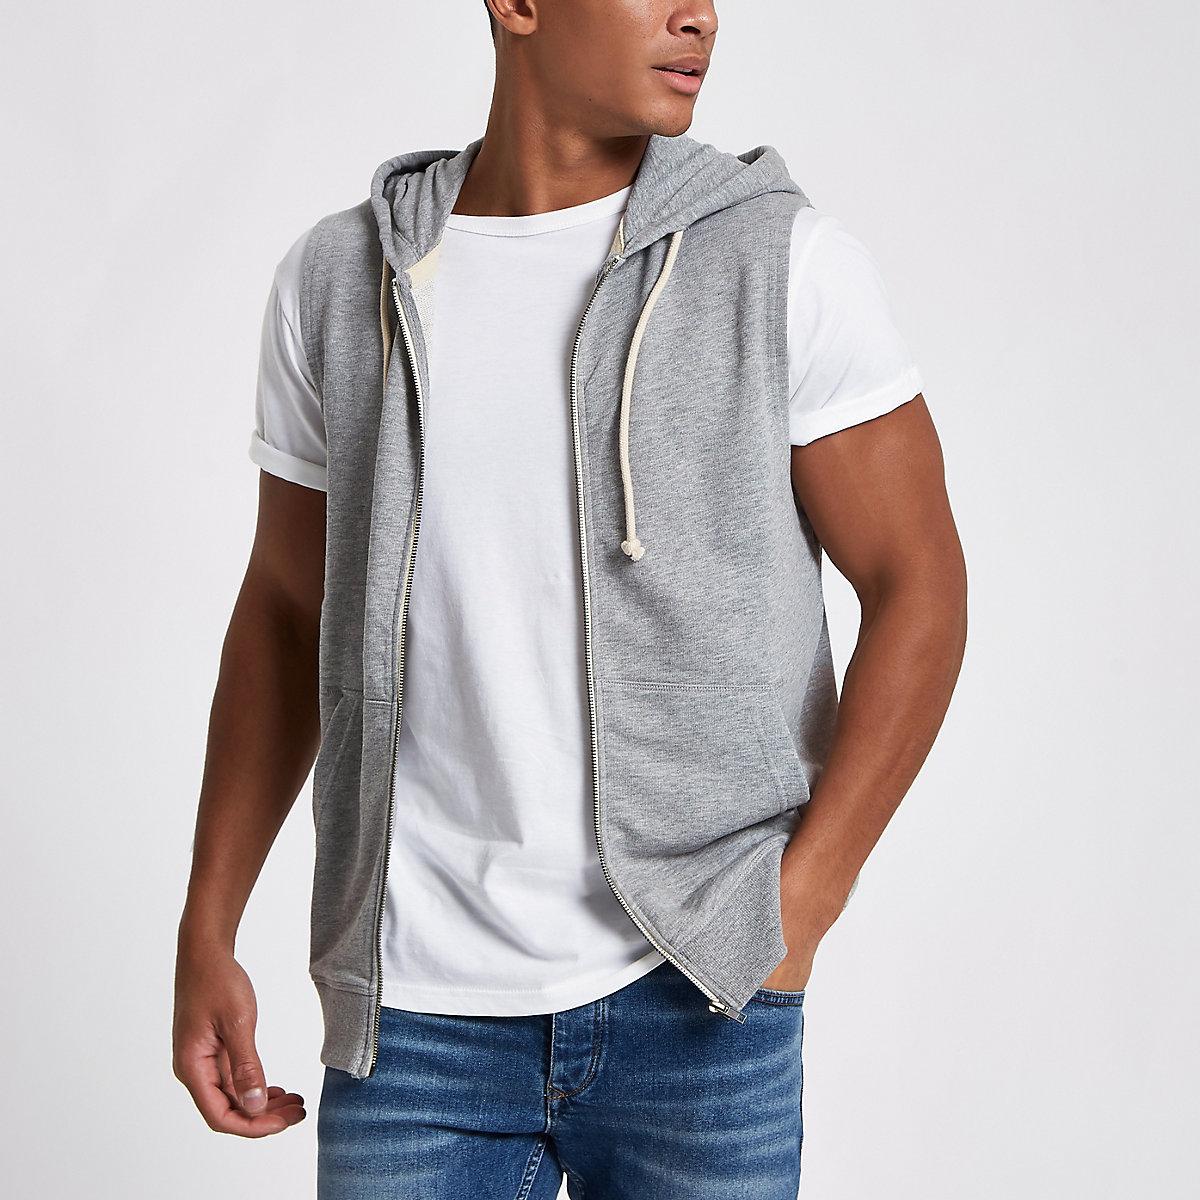 Jack & Jones Originals grey sleeveless hoodie